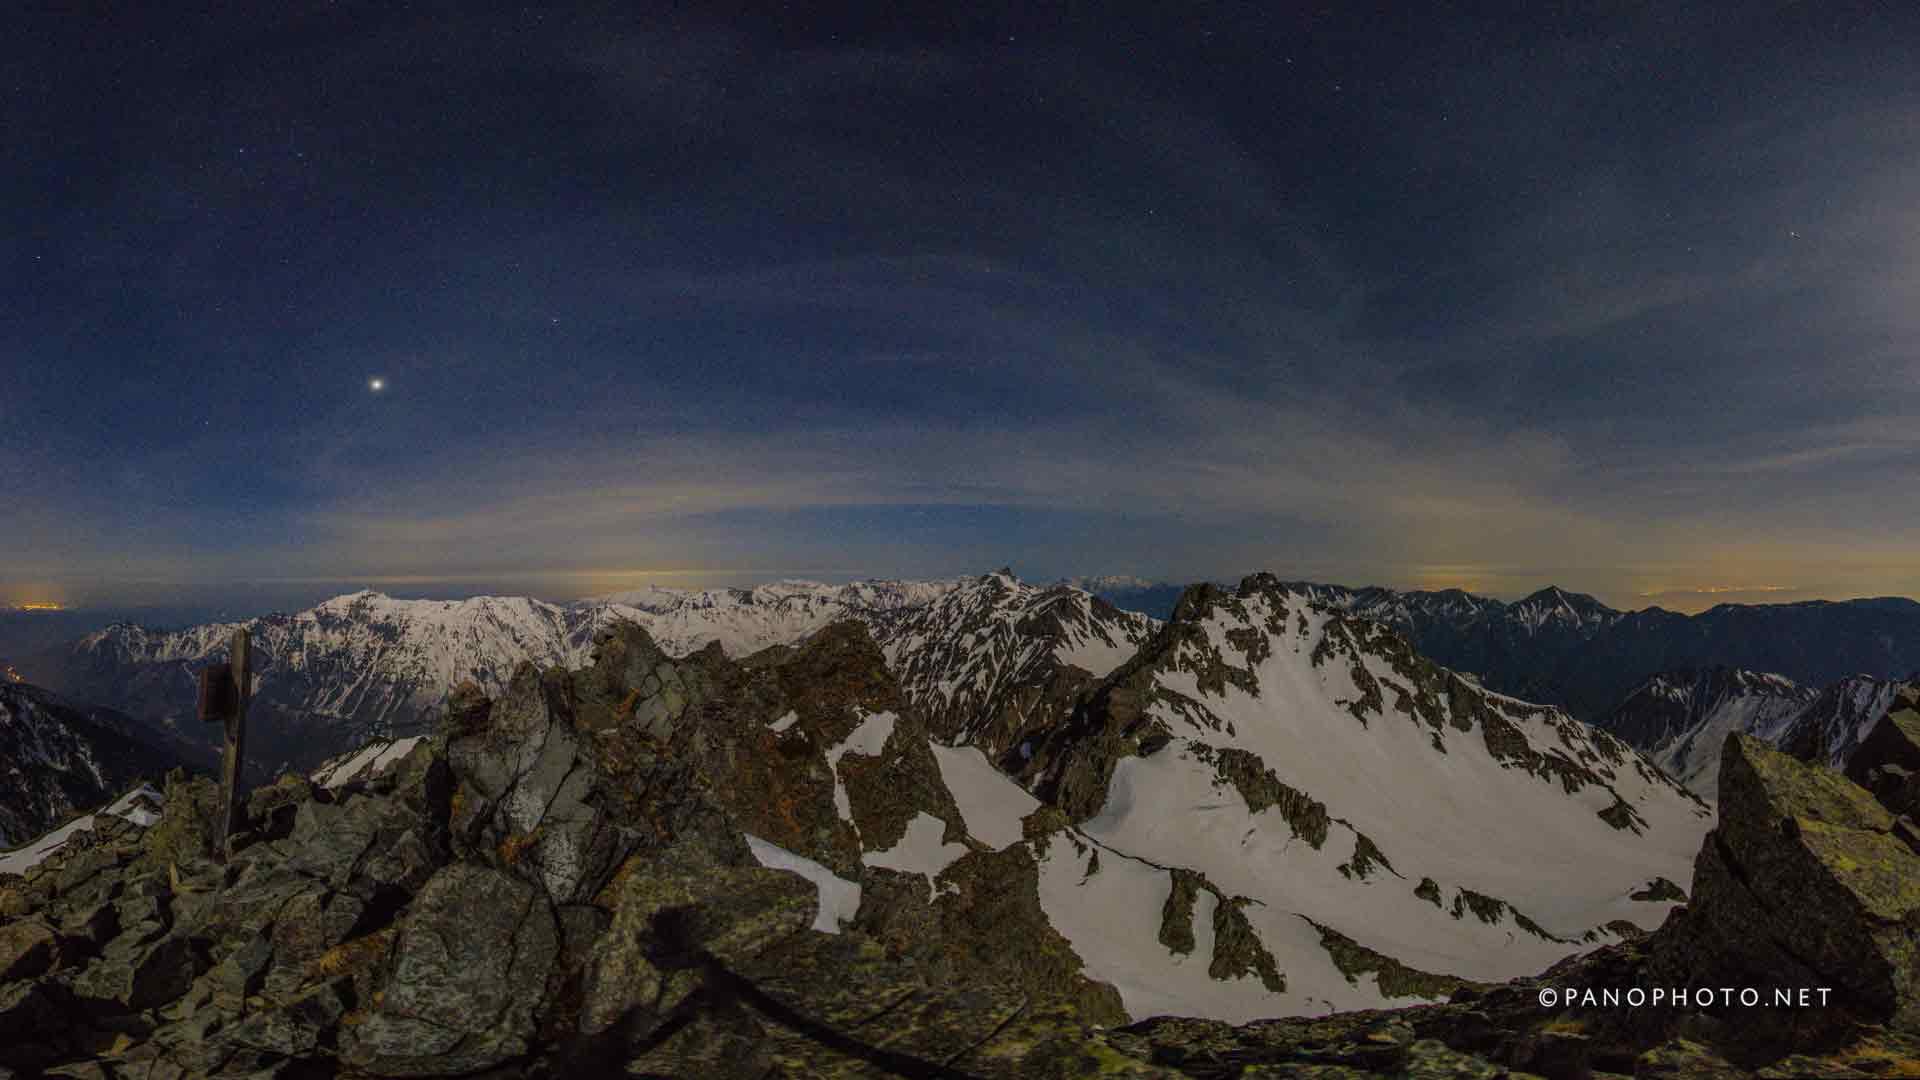 Moonlight view from Karasawadake Peak | Nikon D810 + Nikon AF Fisheye-Nikkor 16mm f/2.8D